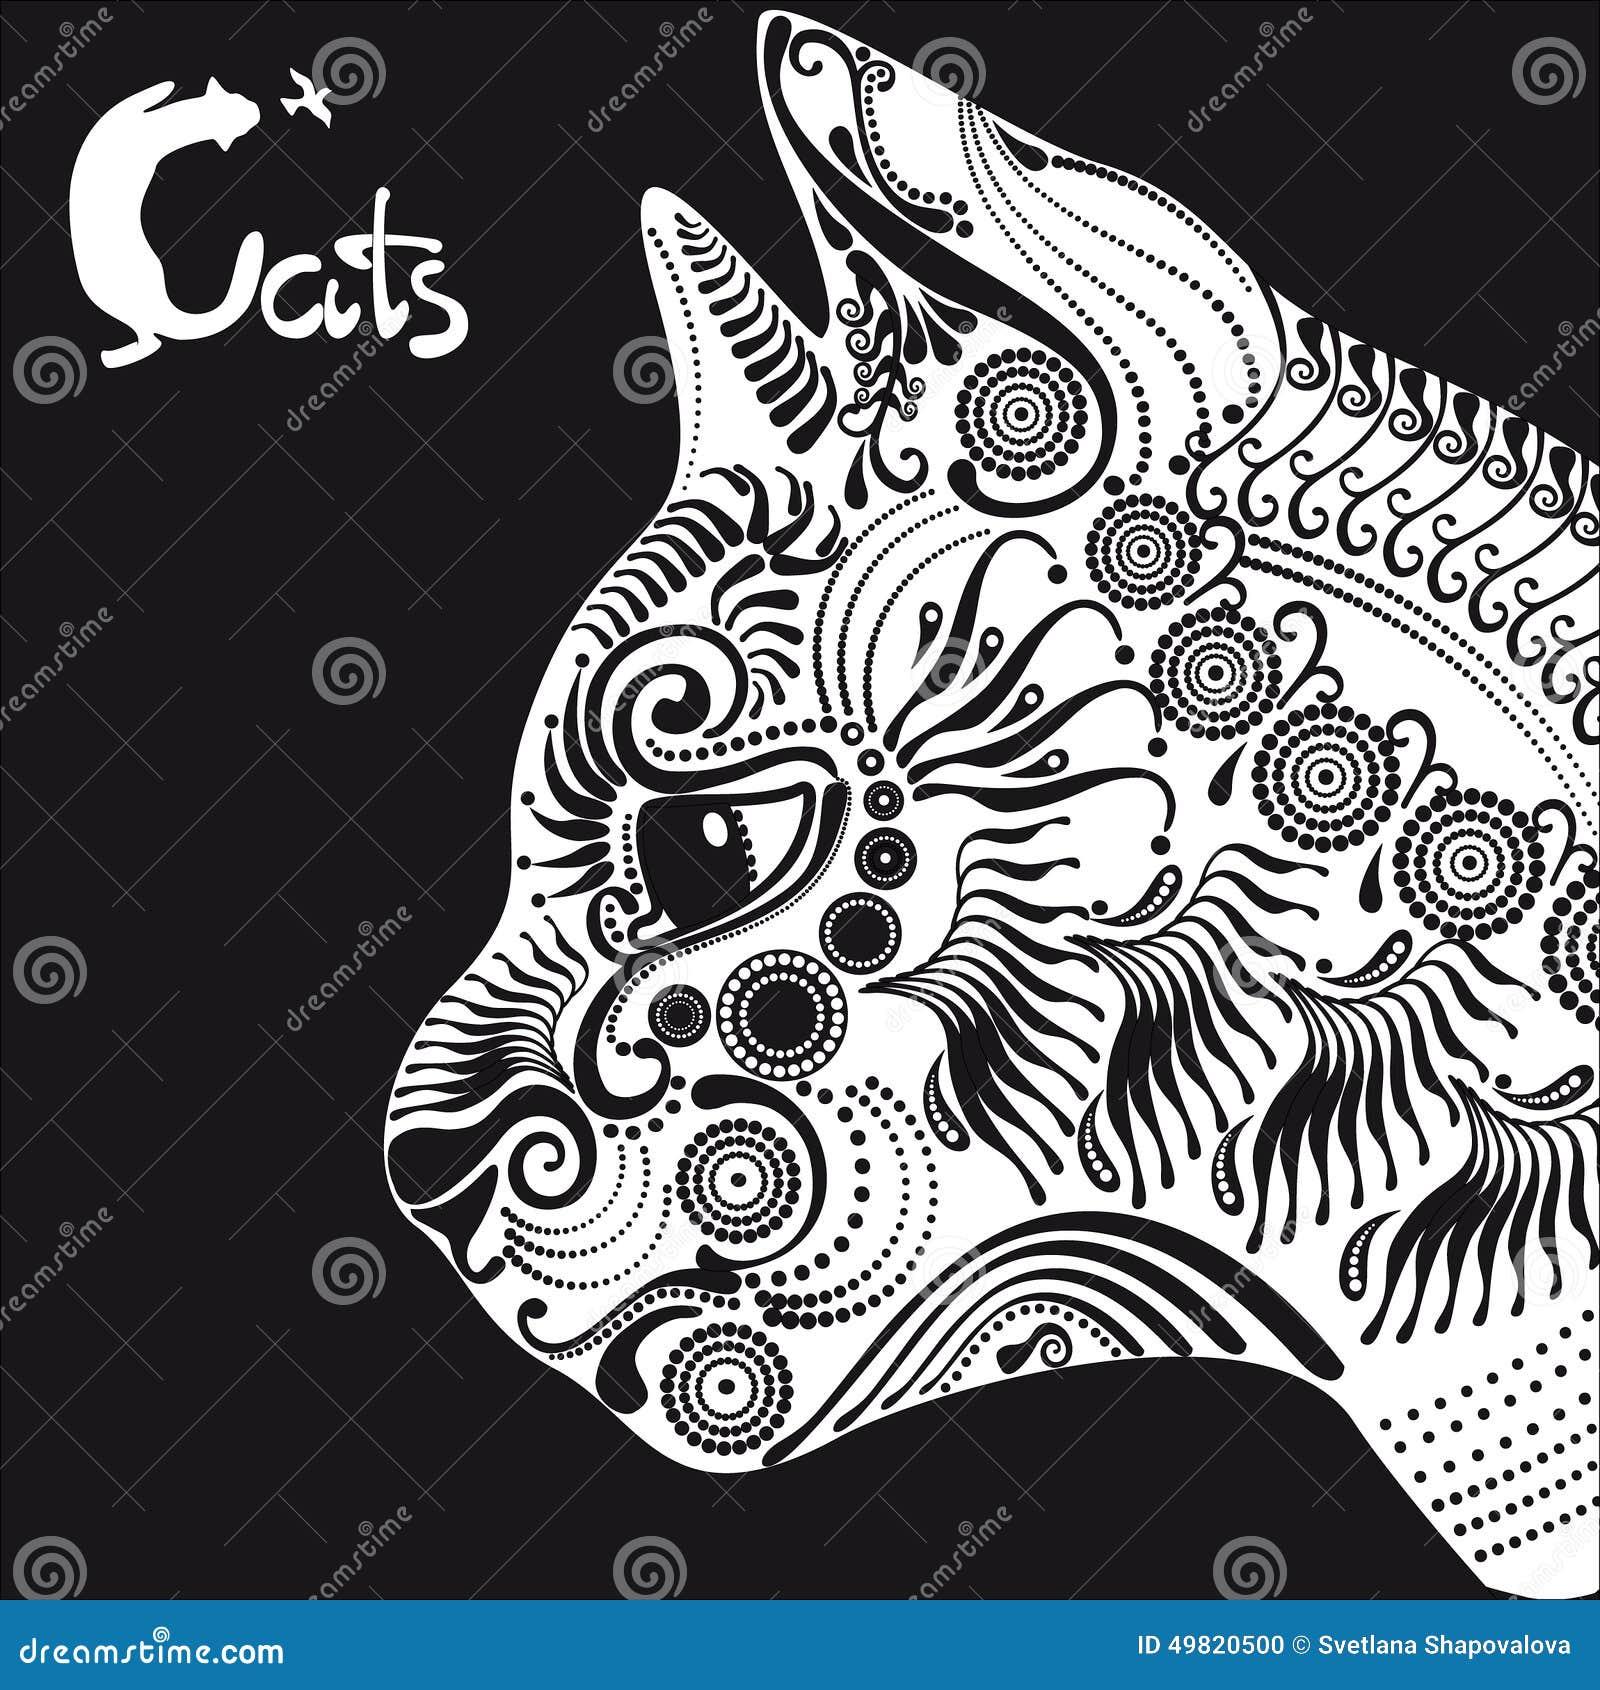 chat blanc mod le d coratif pour un tatouage ou pochoir illustration de vecteur image 49820500. Black Bedroom Furniture Sets. Home Design Ideas